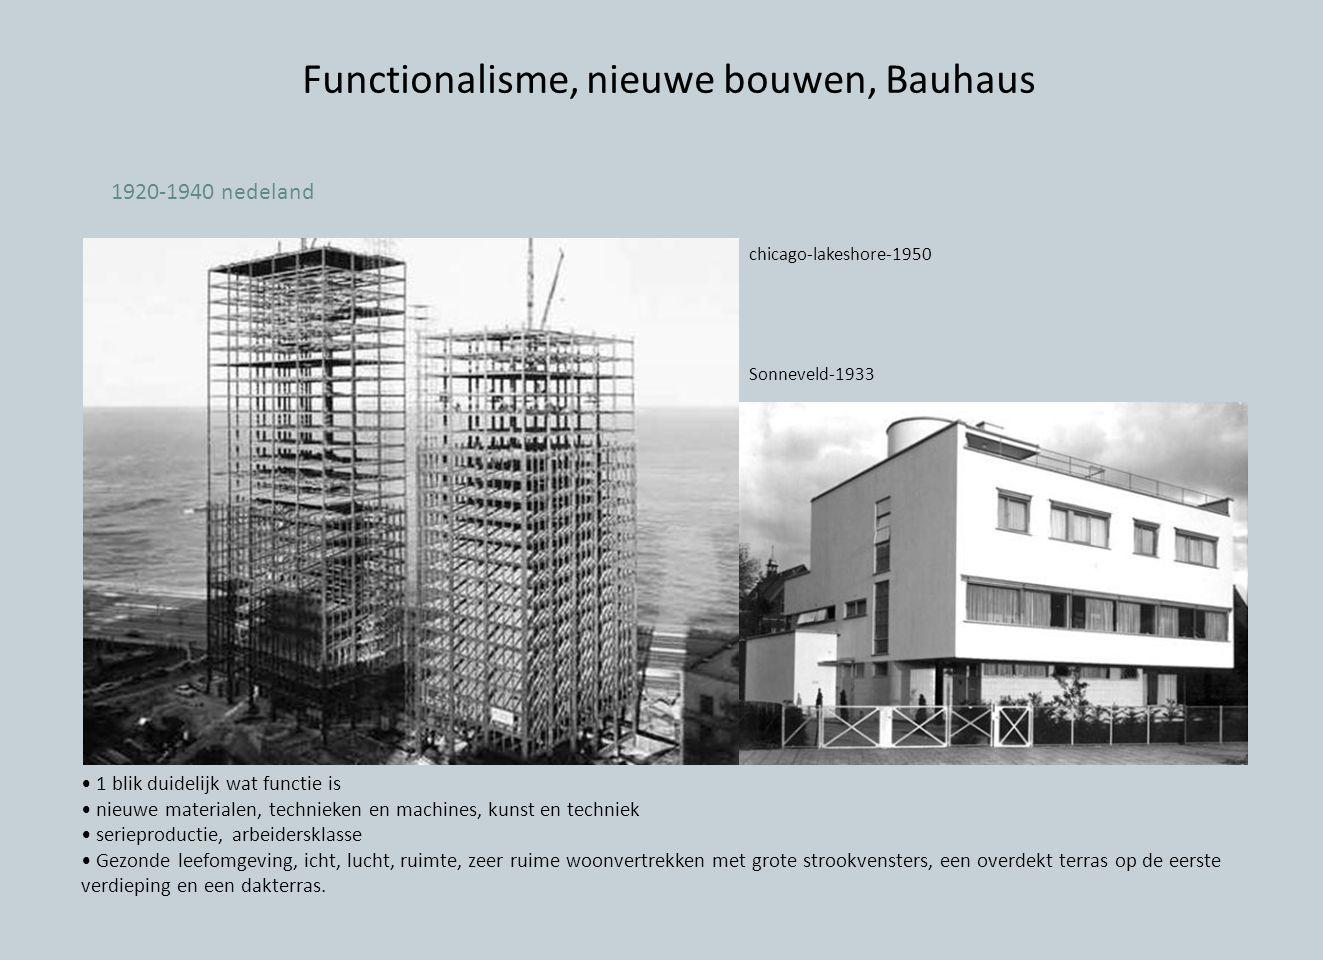 Functionalisme, nieuwe bouwen, Bauhaus 1 blik duidelijk wat functie is nieuwe materialen, technieken en machines, kunst en techniek serieproductie, arbeidersklasse Gezonde leefomgeving, icht, lucht, ruimte, zeer ruime woonvertrekken met grote strookvensters, een overdekt terras op de eerste verdieping en een dakterras.